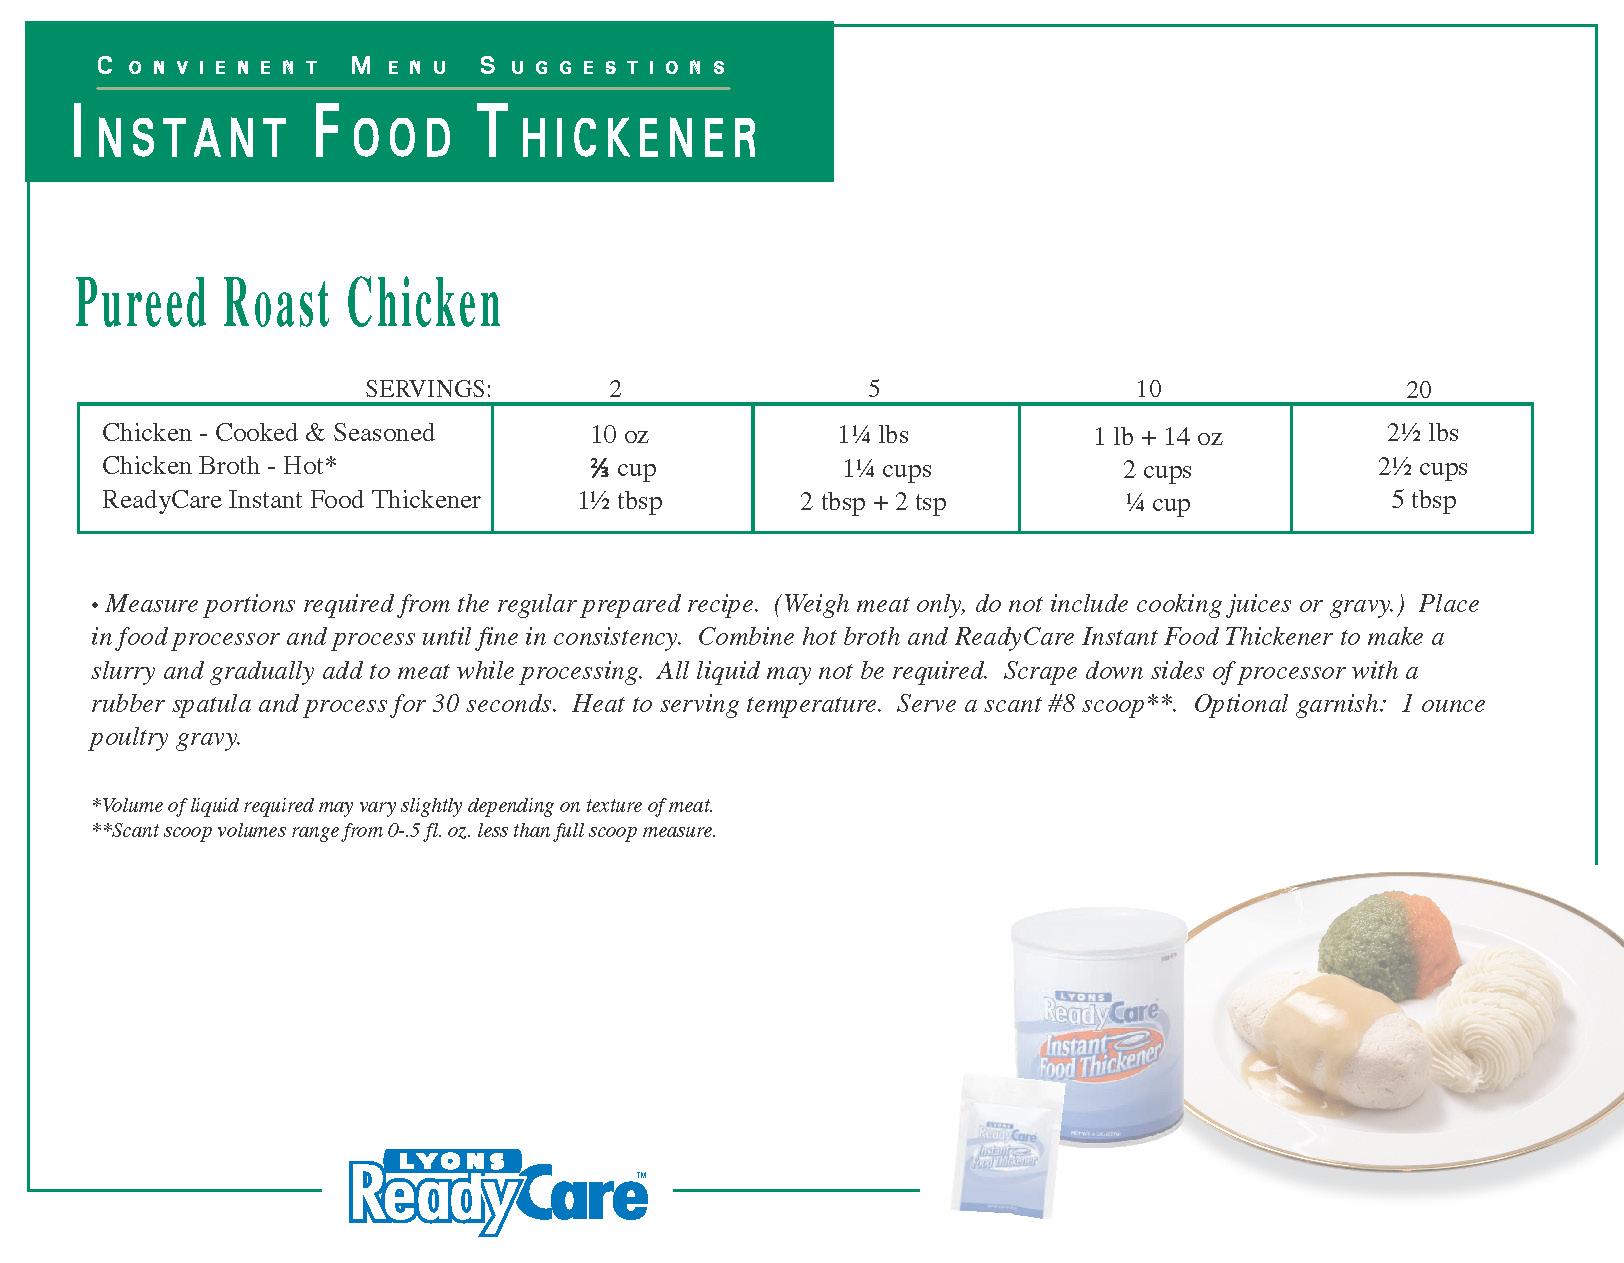 Pureed Roast Chicken